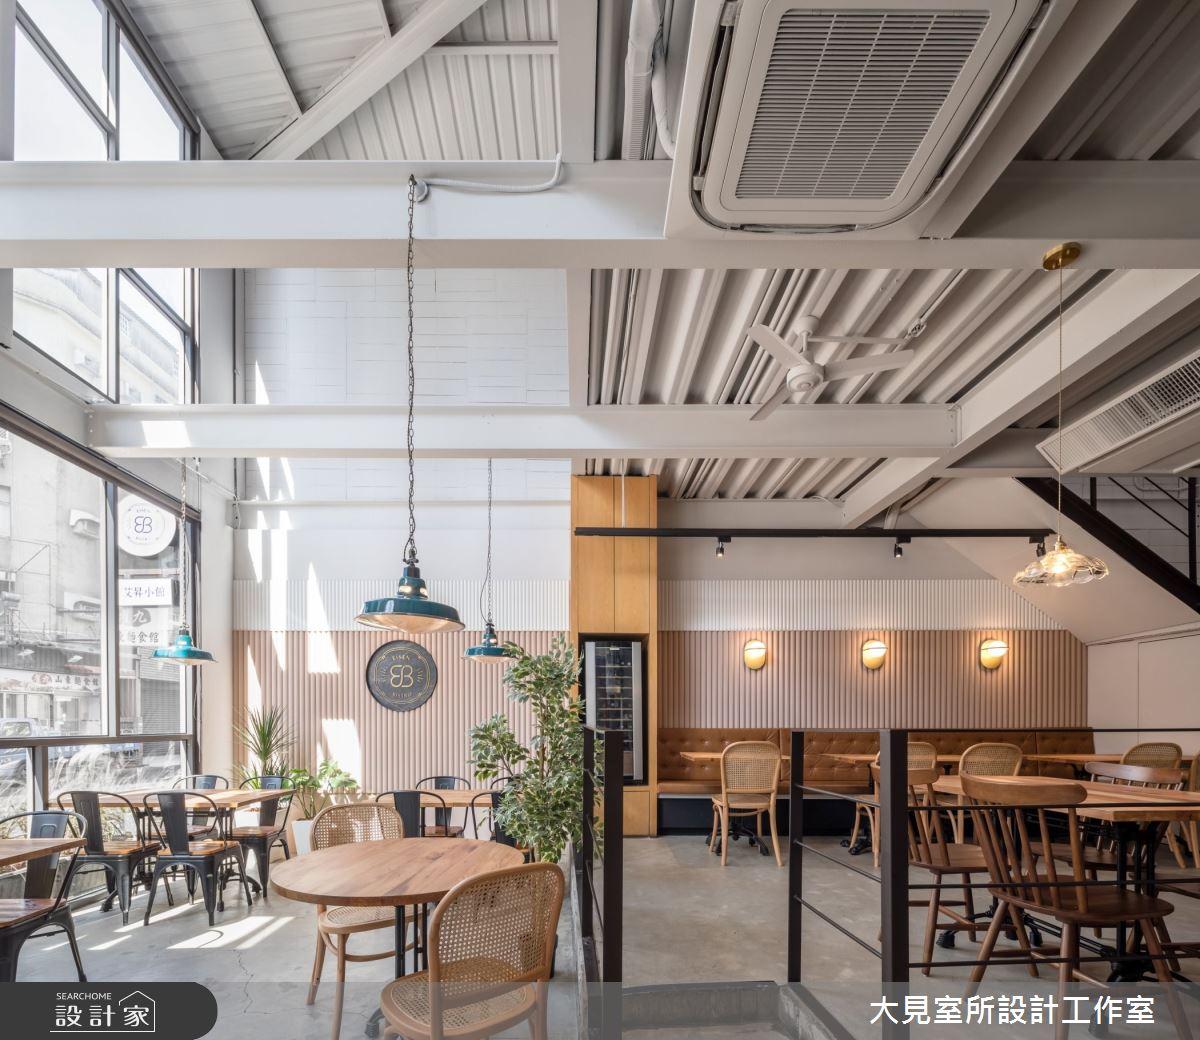 60坪老屋(16~30年)_北歐風商業空間案例圖片_大見室所設計工作室_大見室所_09之3